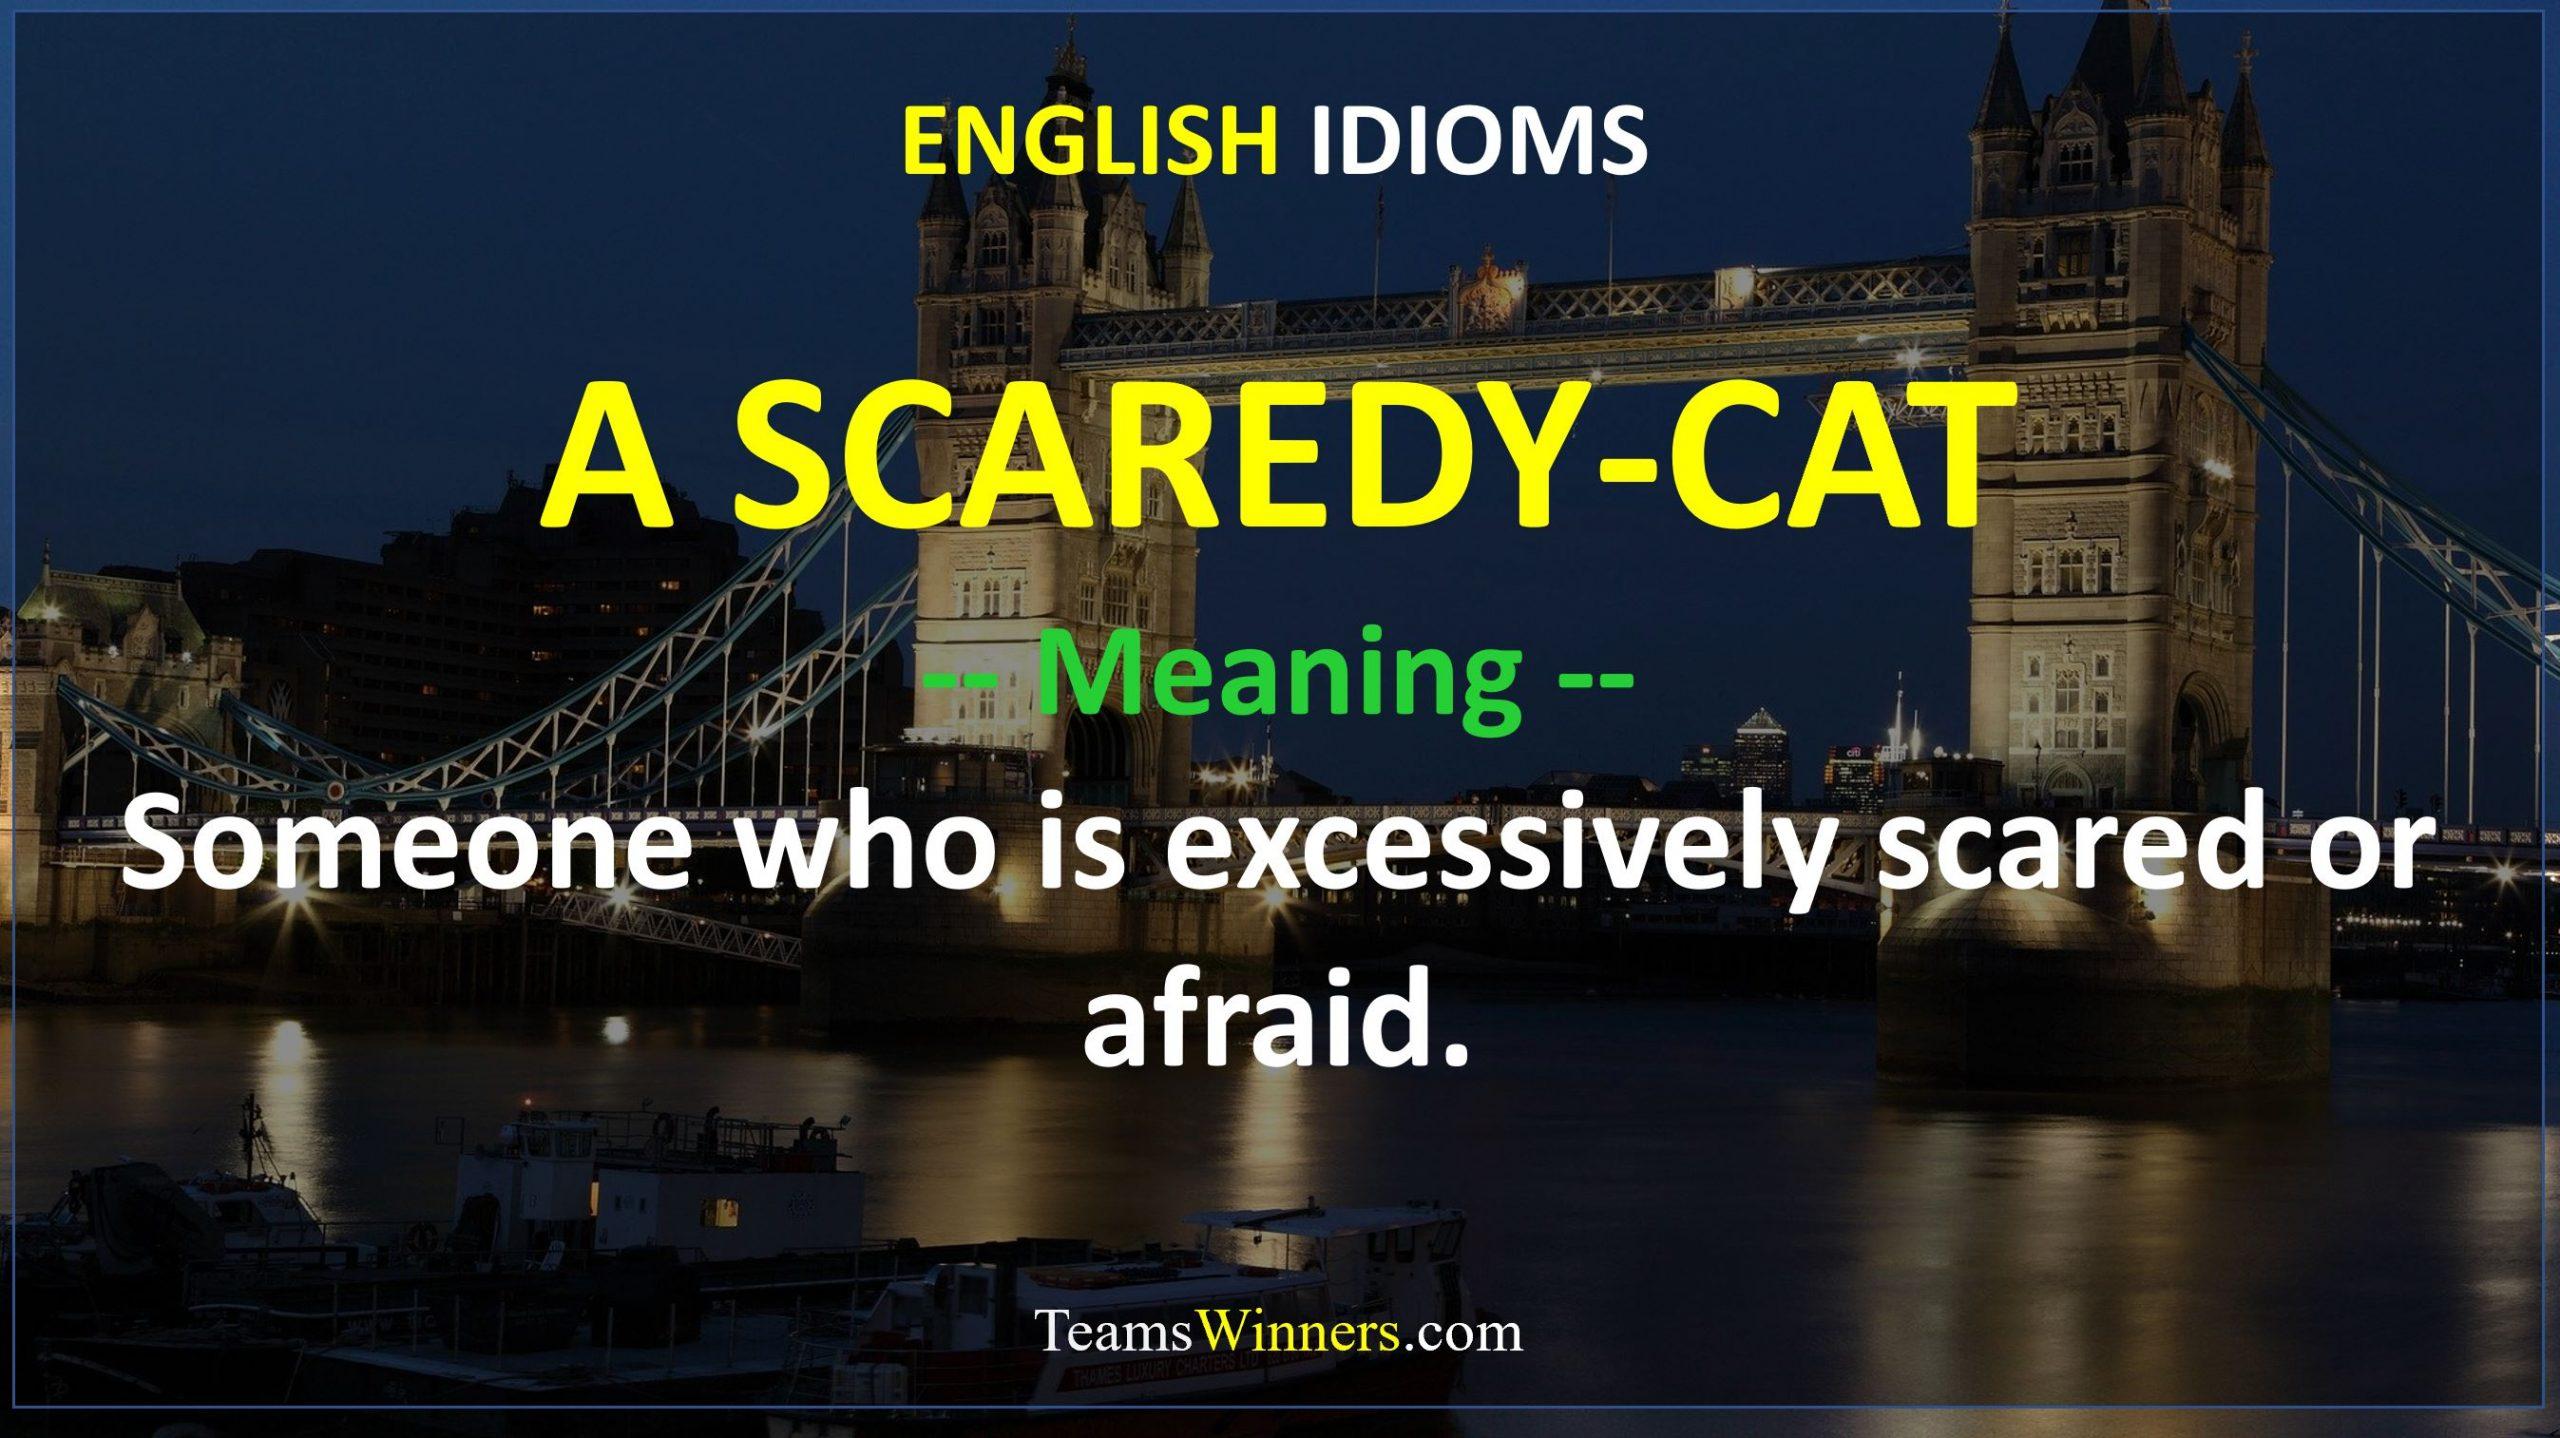 English Idiom - A Scaredy-Cat